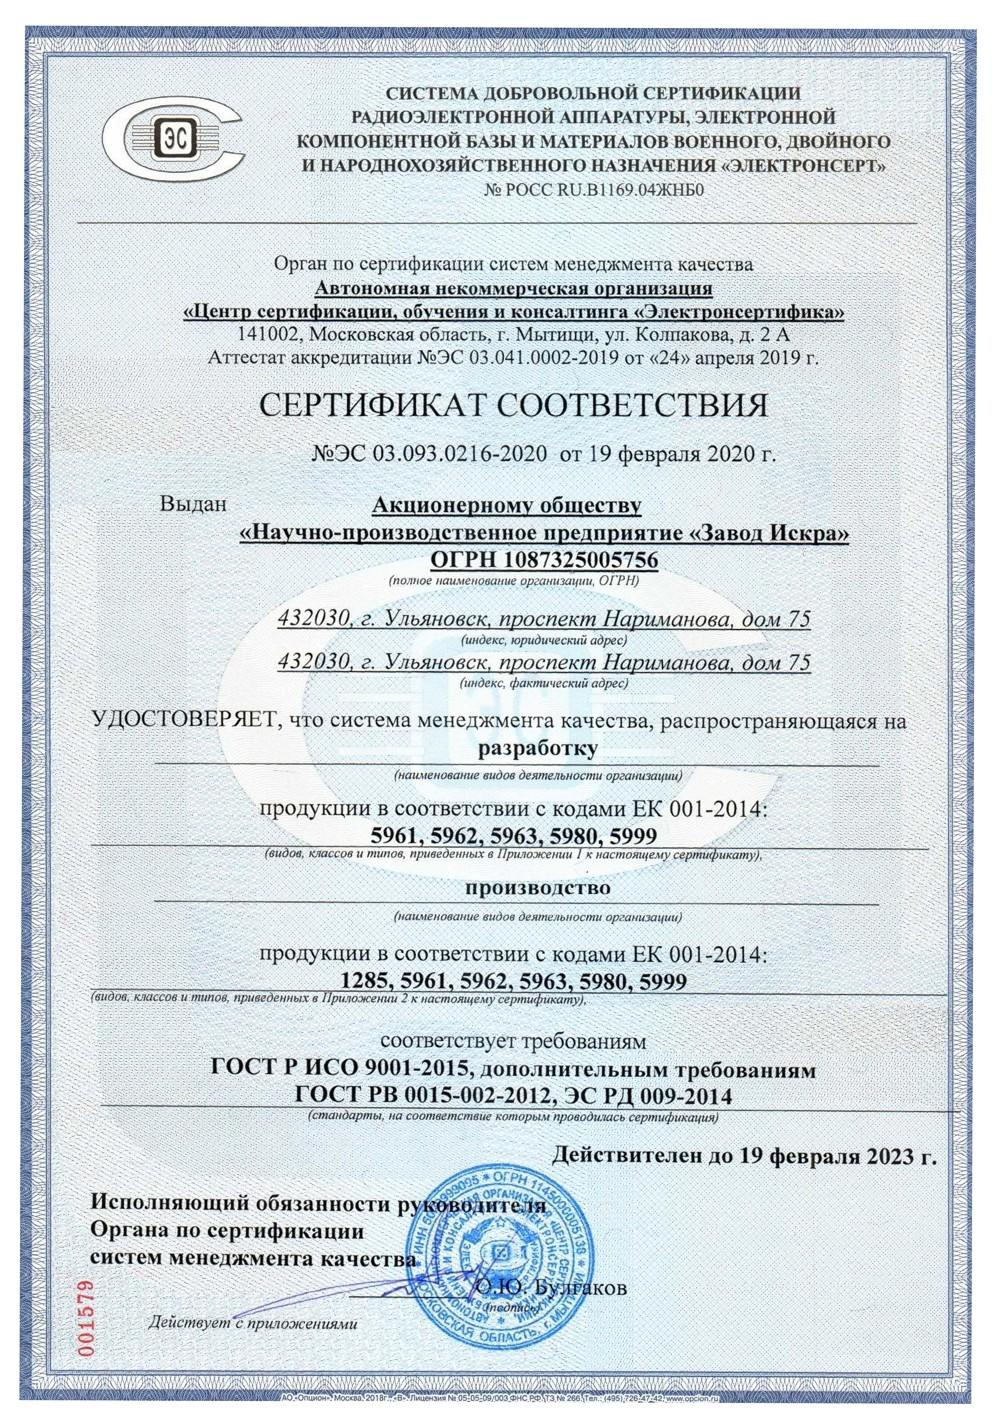 Сертификат соответствия № ЭС 03.093.0216-2020